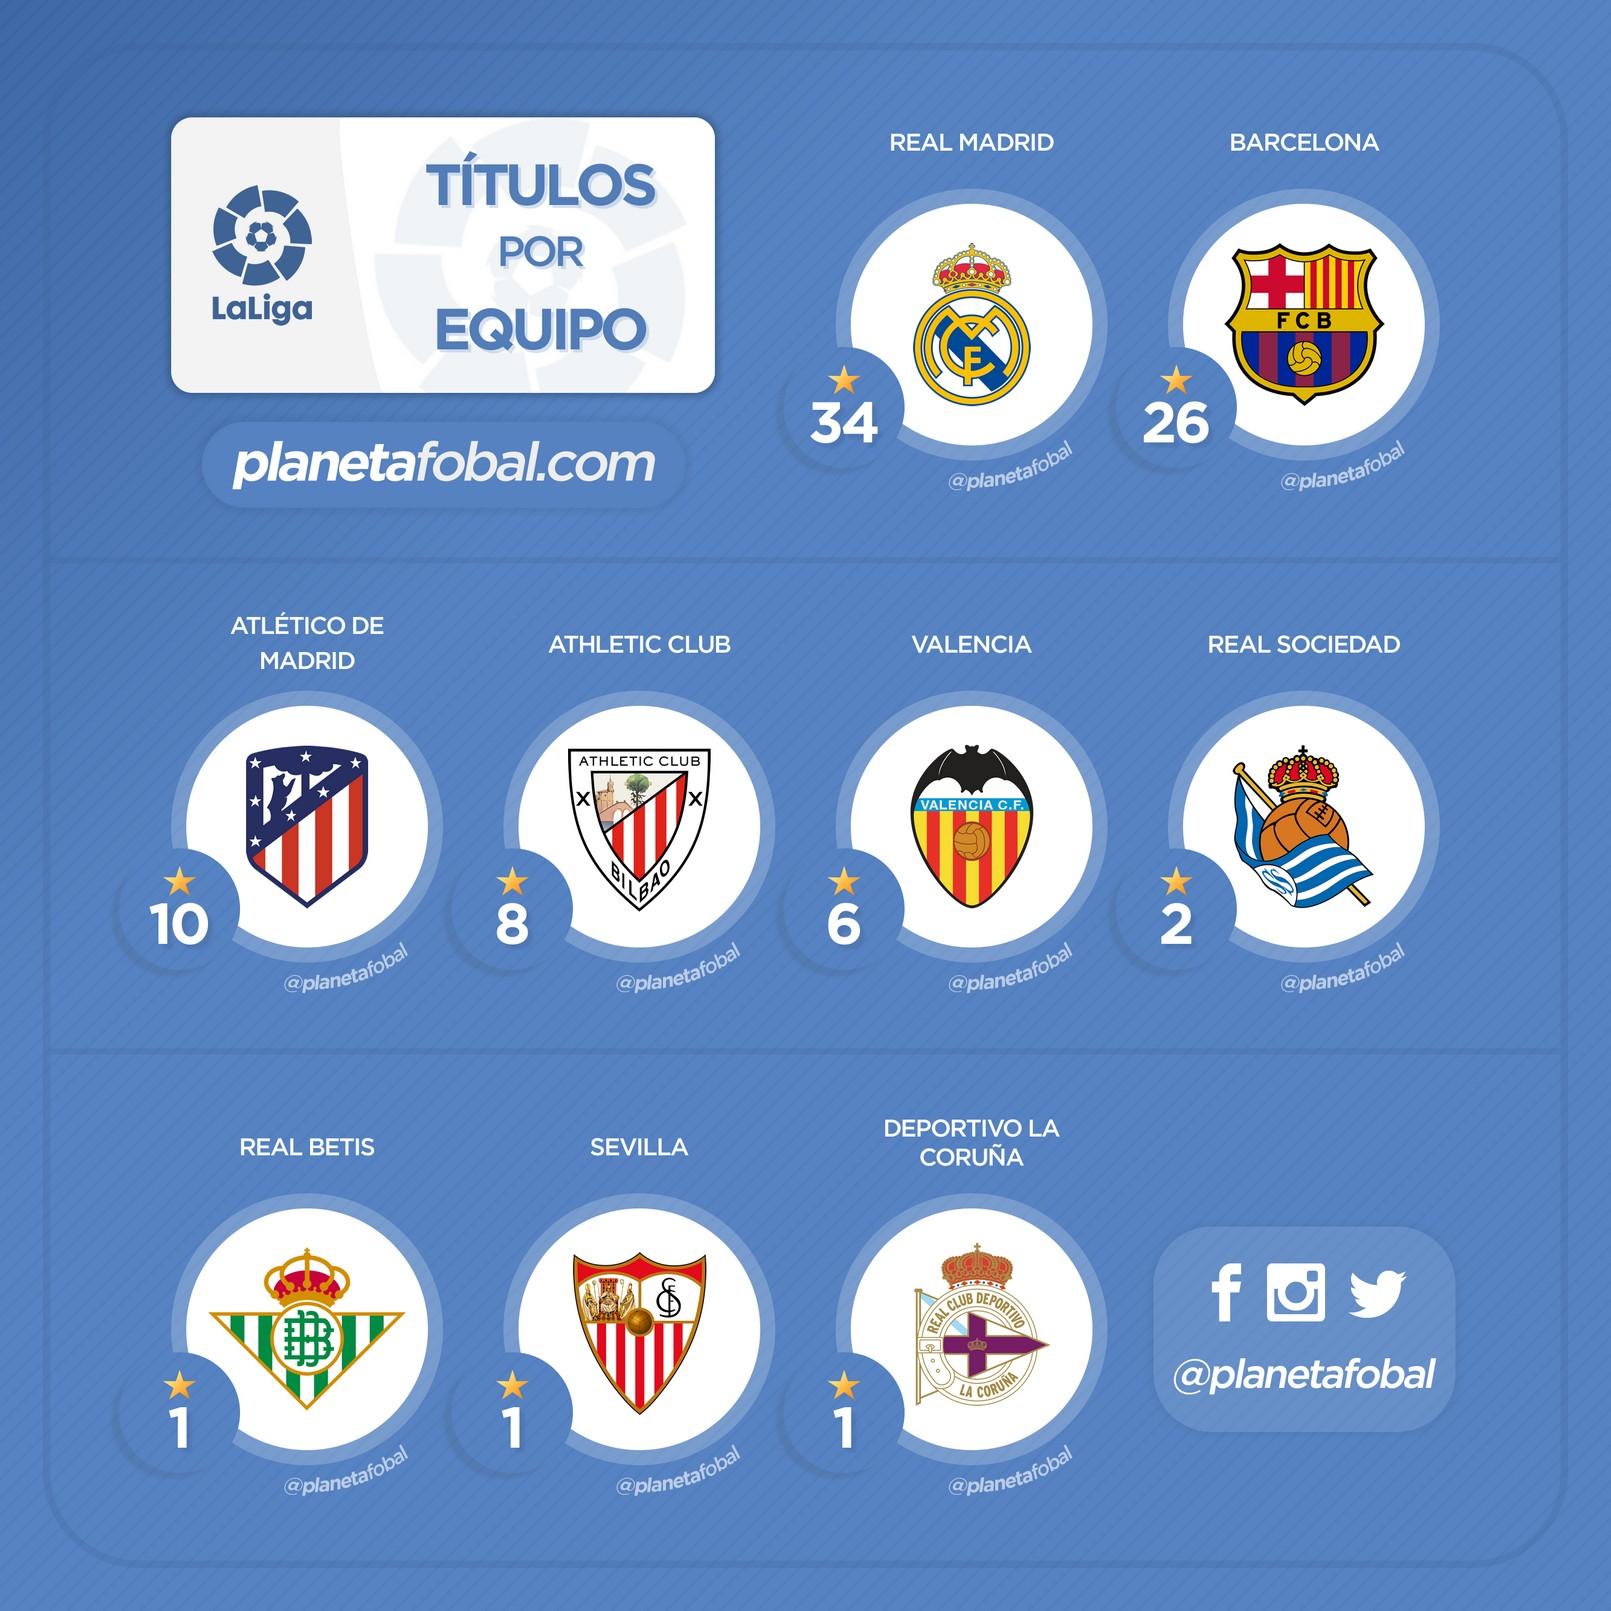 Cantidad de títulos por club LaLiga de España